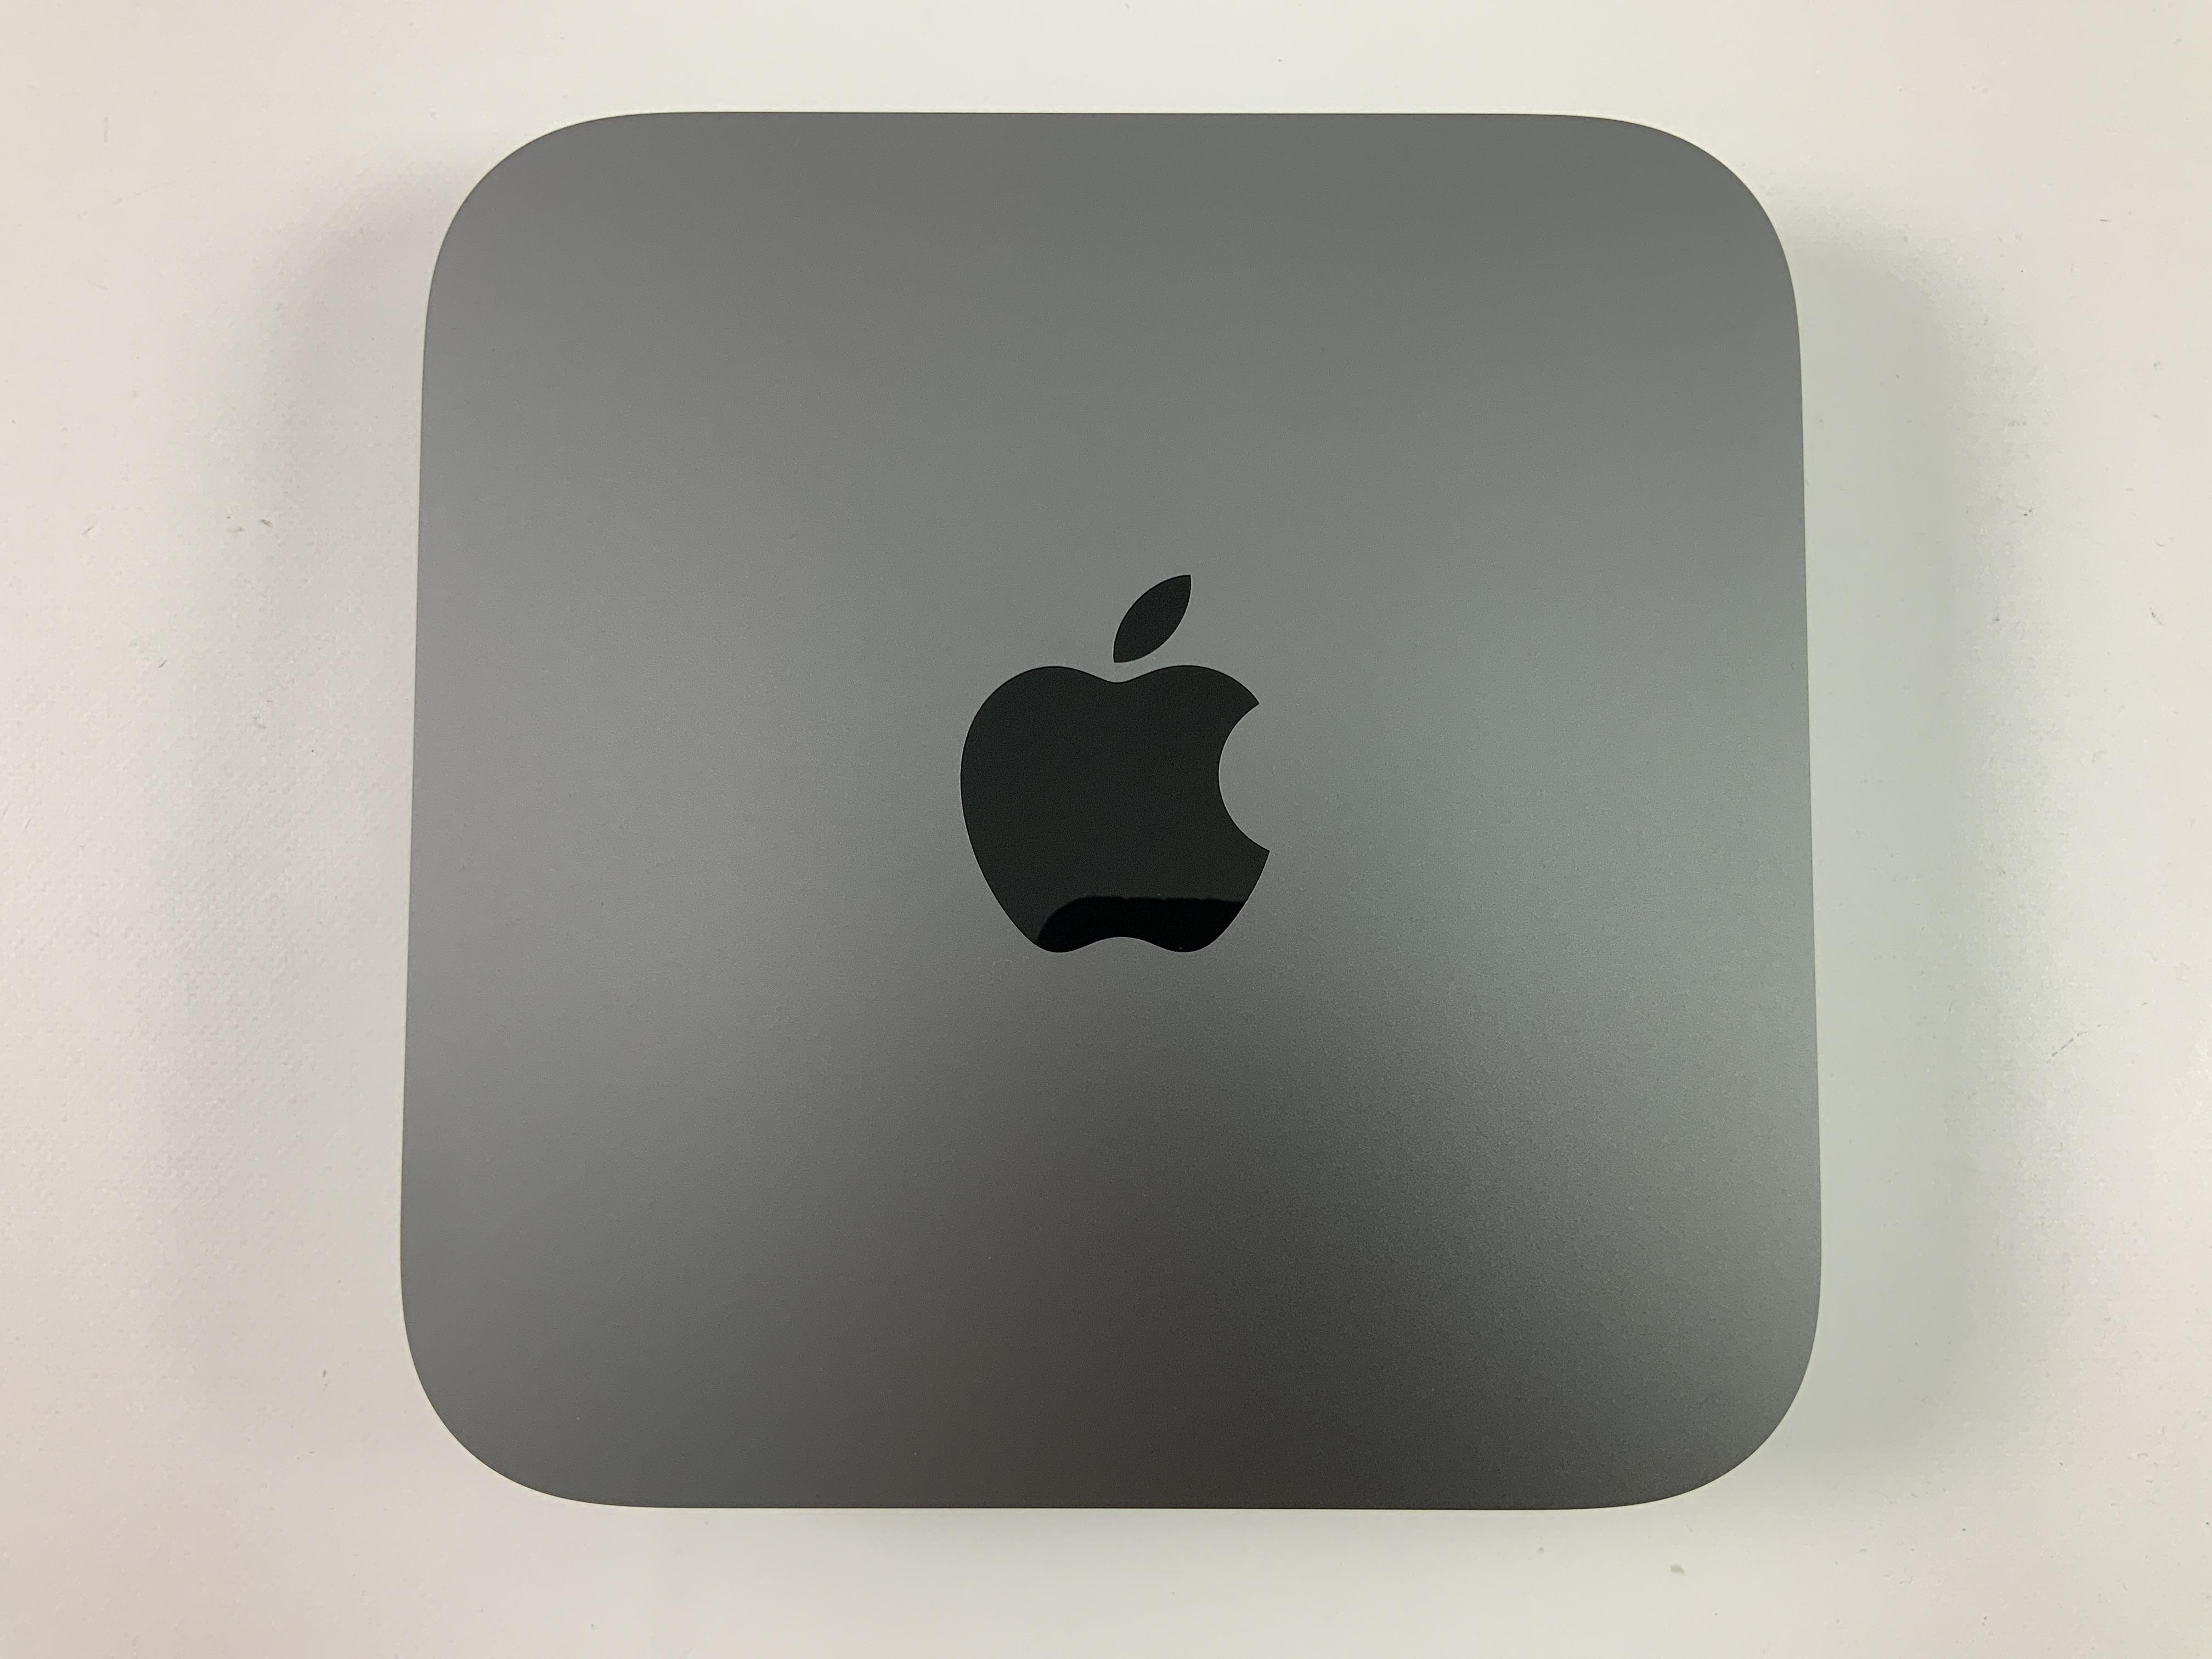 Mac Mini Late 2018 (Intel 6-Core i5 3.0 GHz 8 GB RAM 512 GB SSD), Intel 6-Core i5 3.0 GHz, 8 GB RAM, 512 GB SSD, Kuva 1